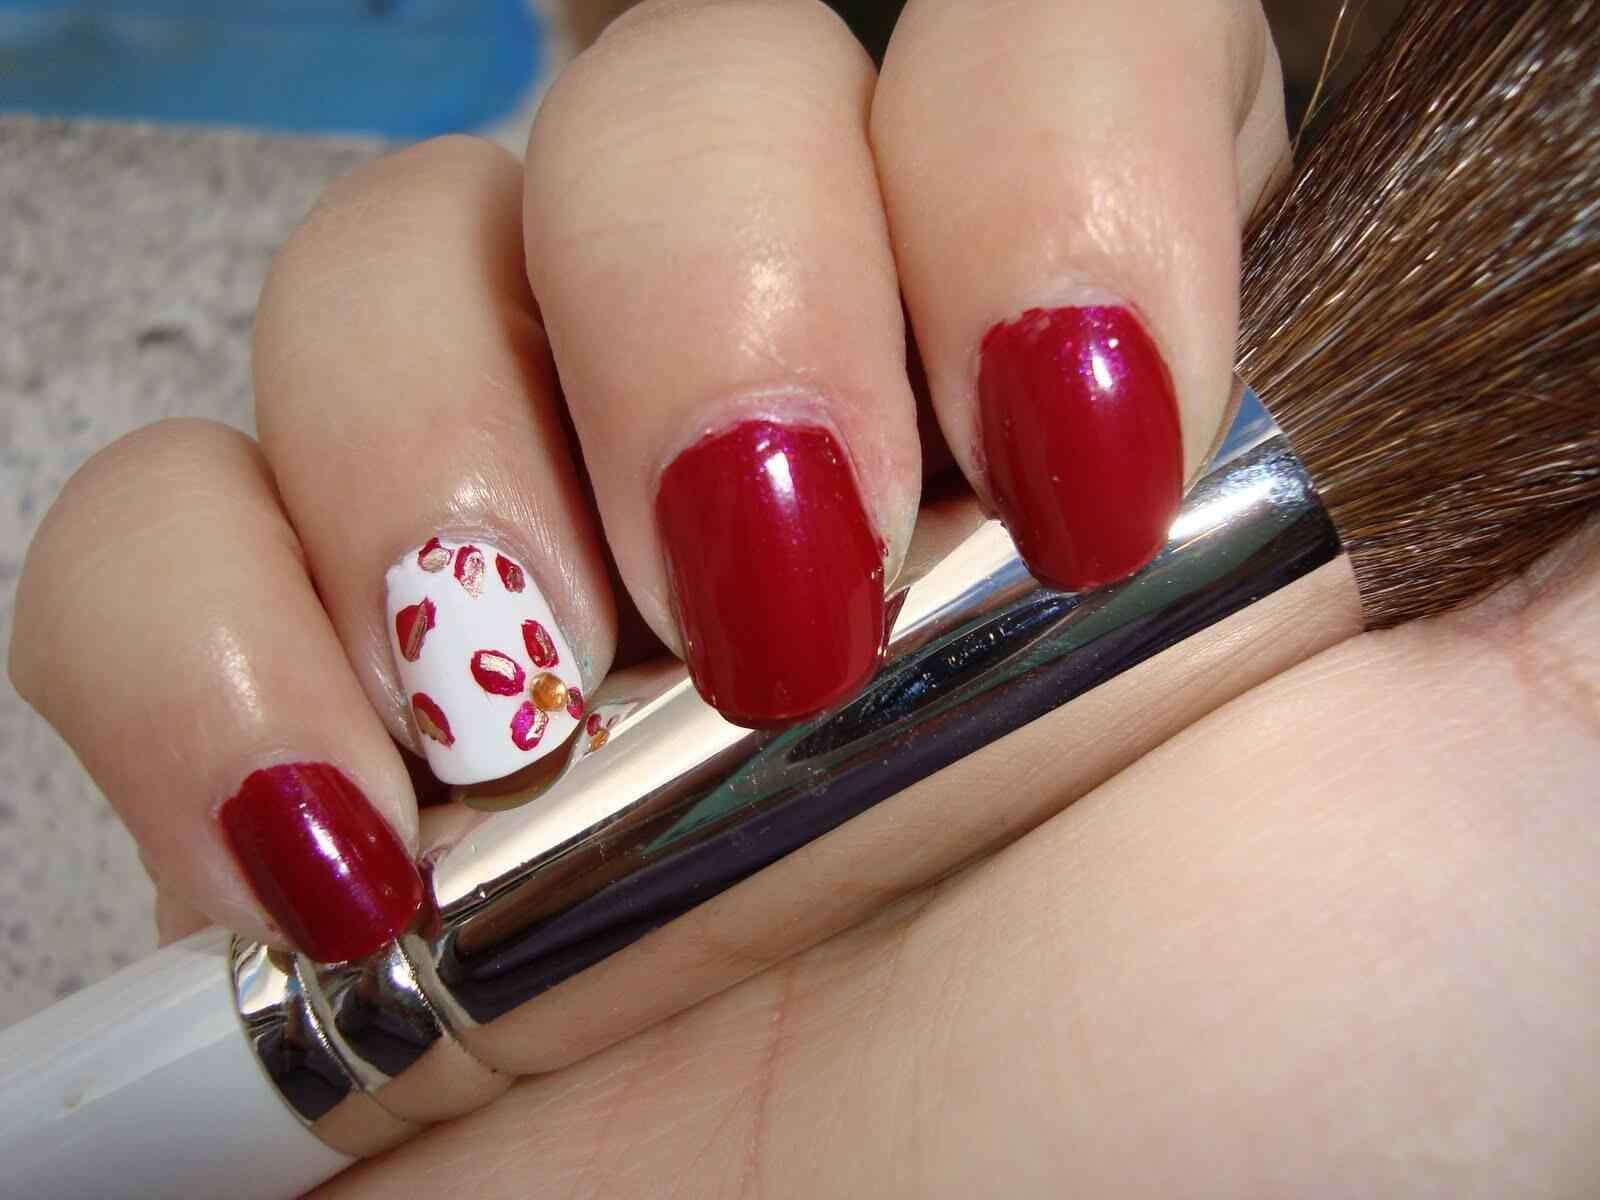 unas decoradas rojas 2015 (9)